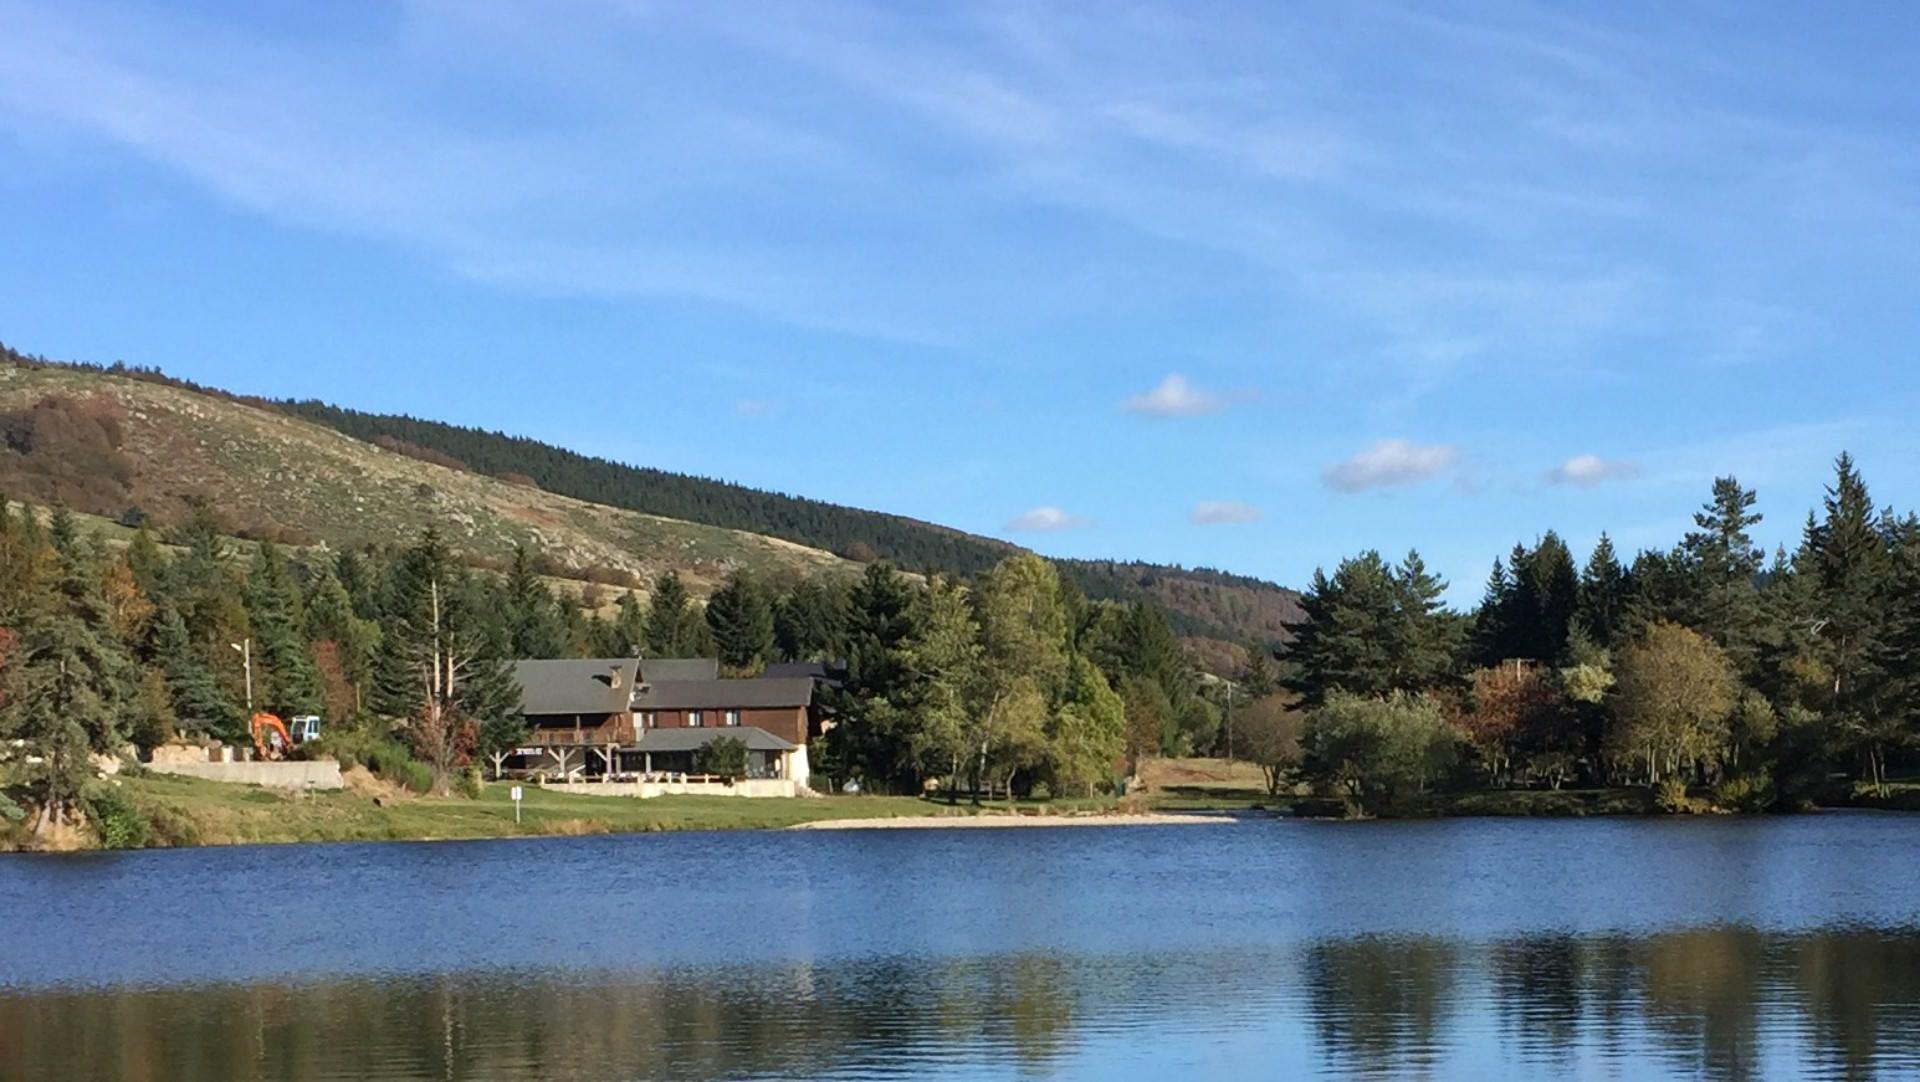 29e Fête de la randonnée à Camprieu 16 et 17 septembre 2017 09 h 00 Le kit randonneur 16 et 17 septembre 2017